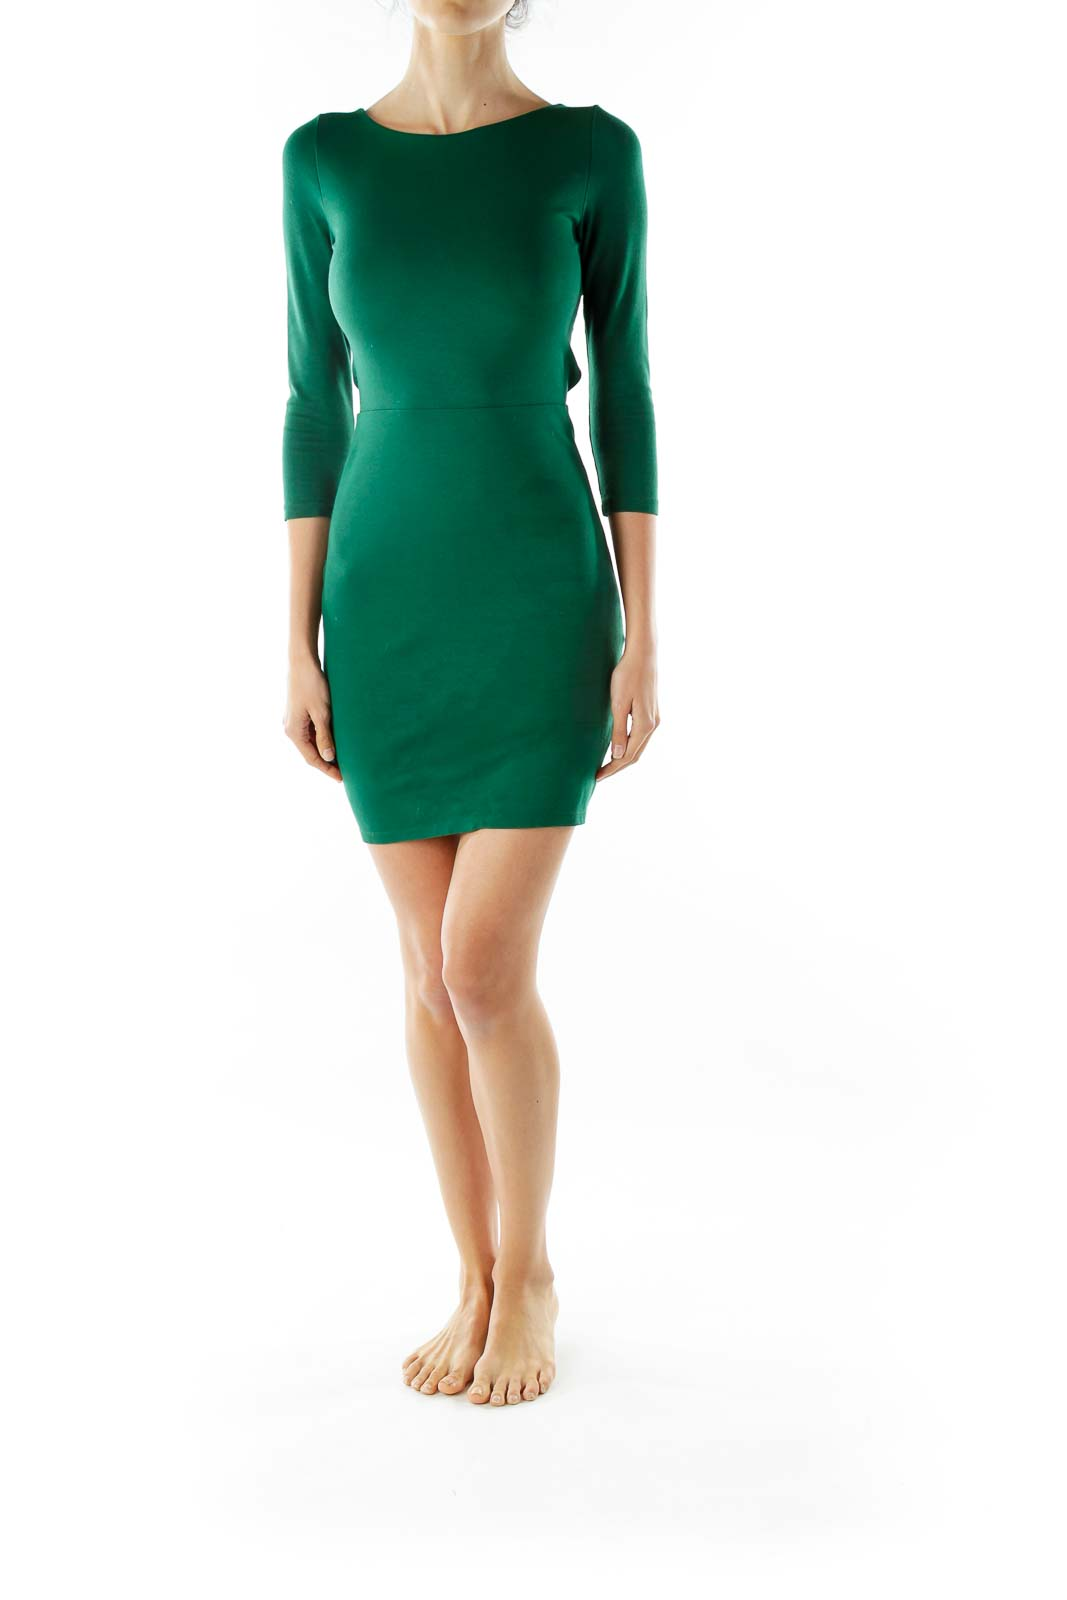 Green Cut-Out Dress